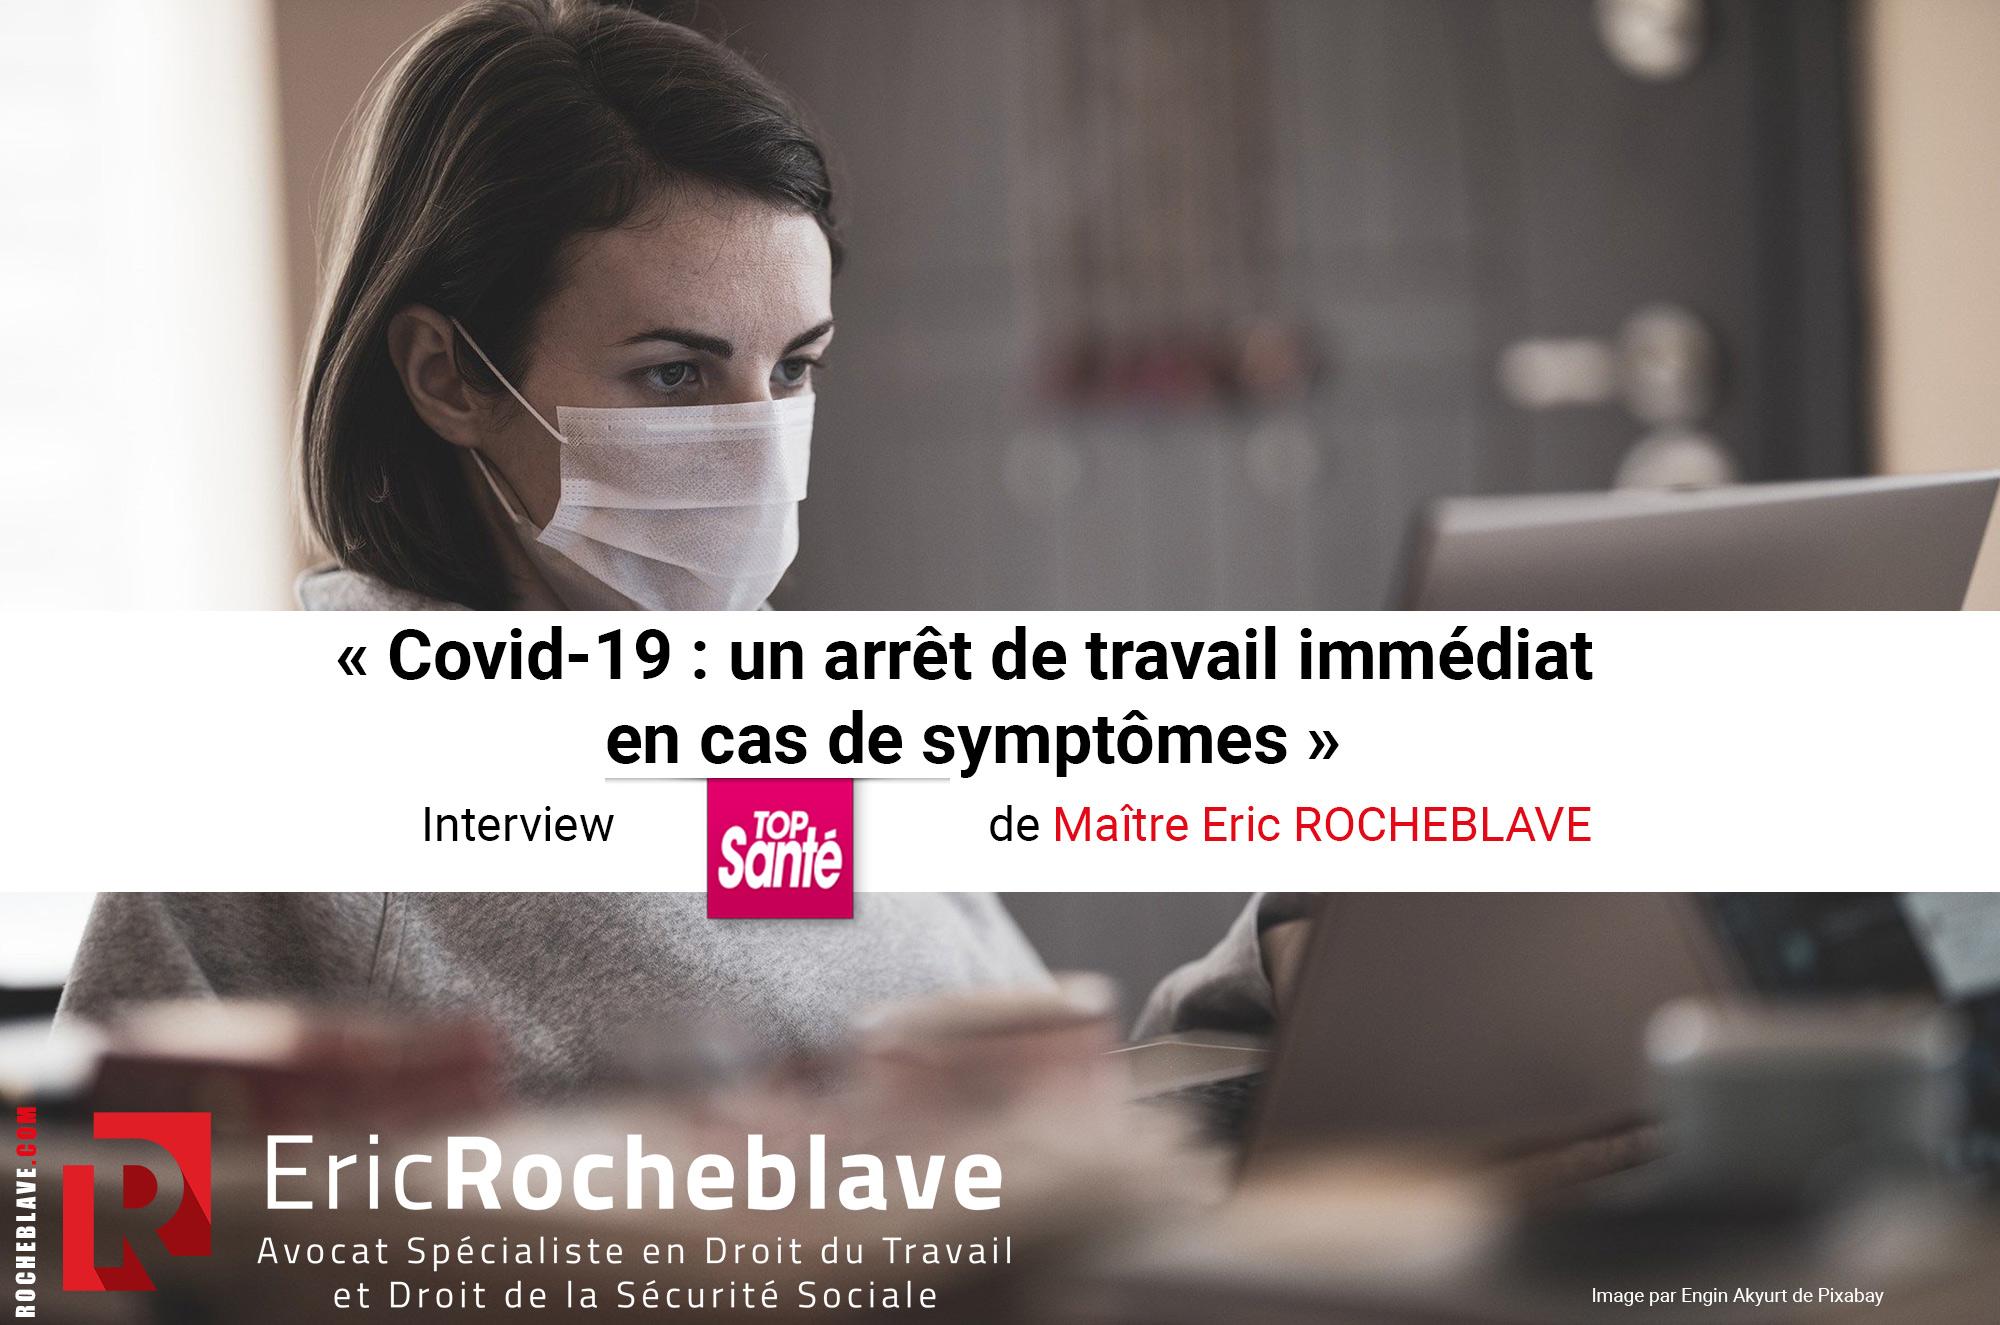 « Covid-19 : un arrêt de travail immédiat en cas de symptômes » Interview TOP Santé de Maître Eric ROCHEBLAVE